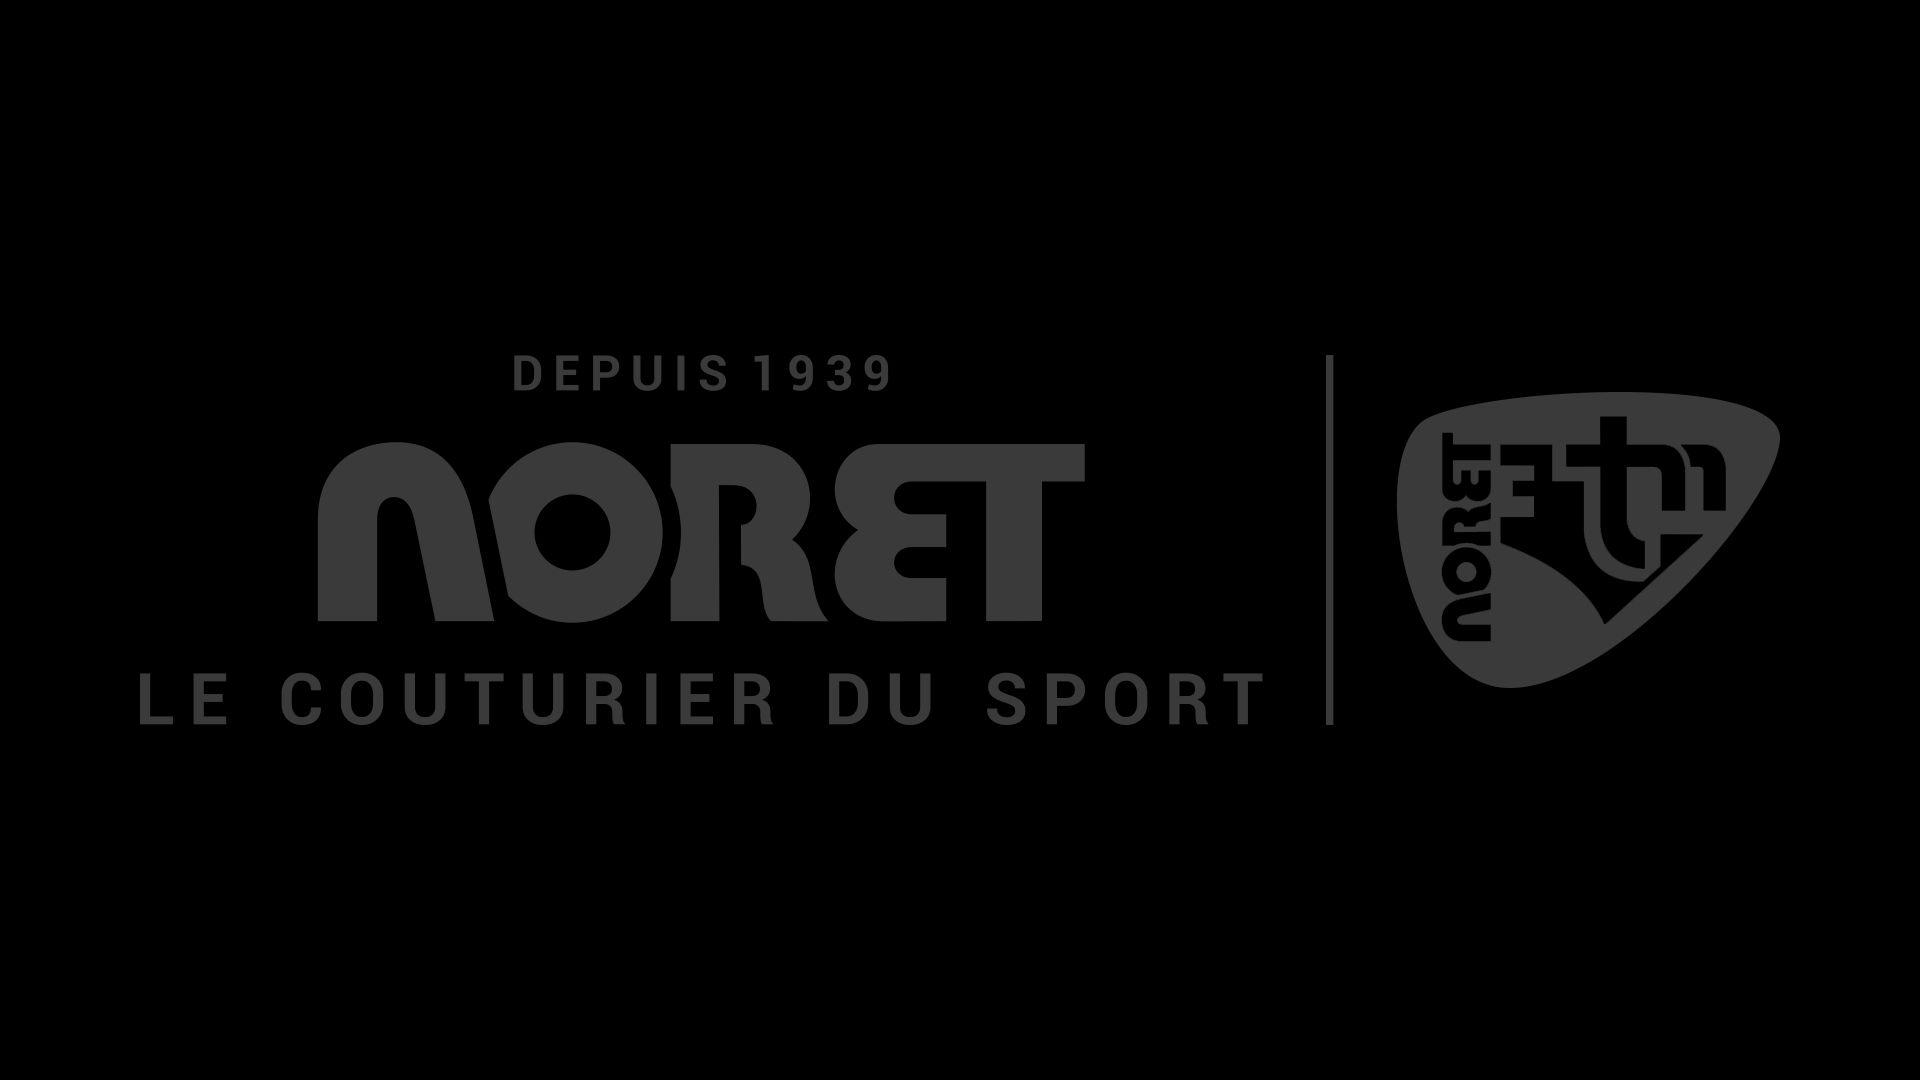 """Résultat de recherche d'images pour """"logo noret"""""""